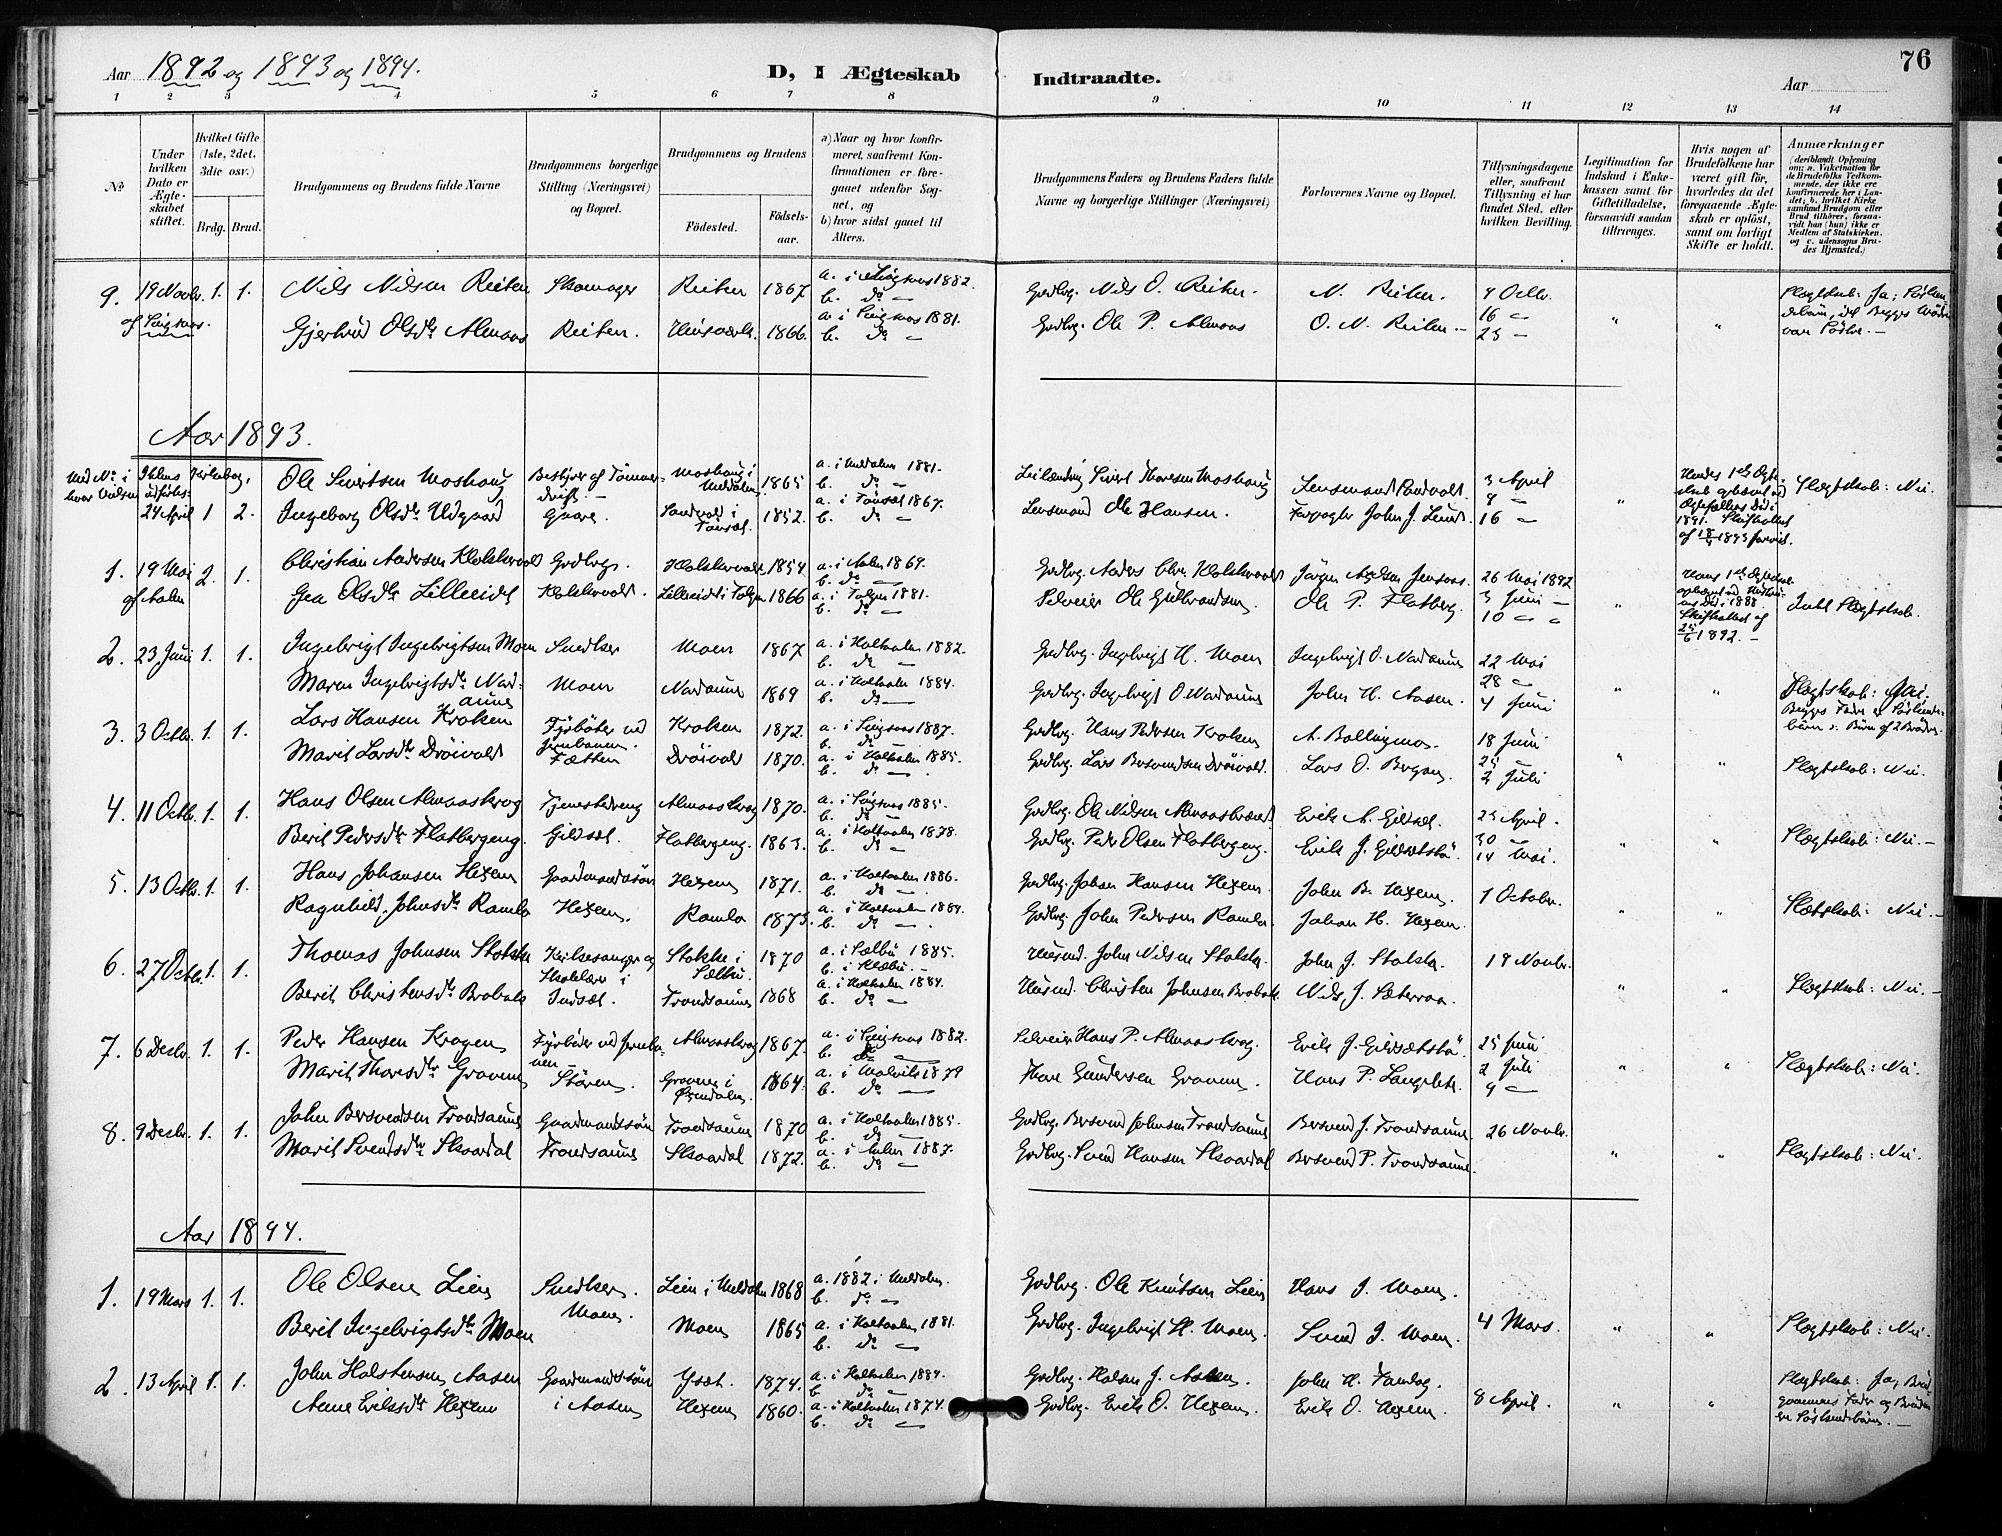 SAT, Ministerialprotokoller, klokkerbøker og fødselsregistre - Sør-Trøndelag, 685/L0973: Ministerialbok nr. 685A10, 1891-1907, s. 76